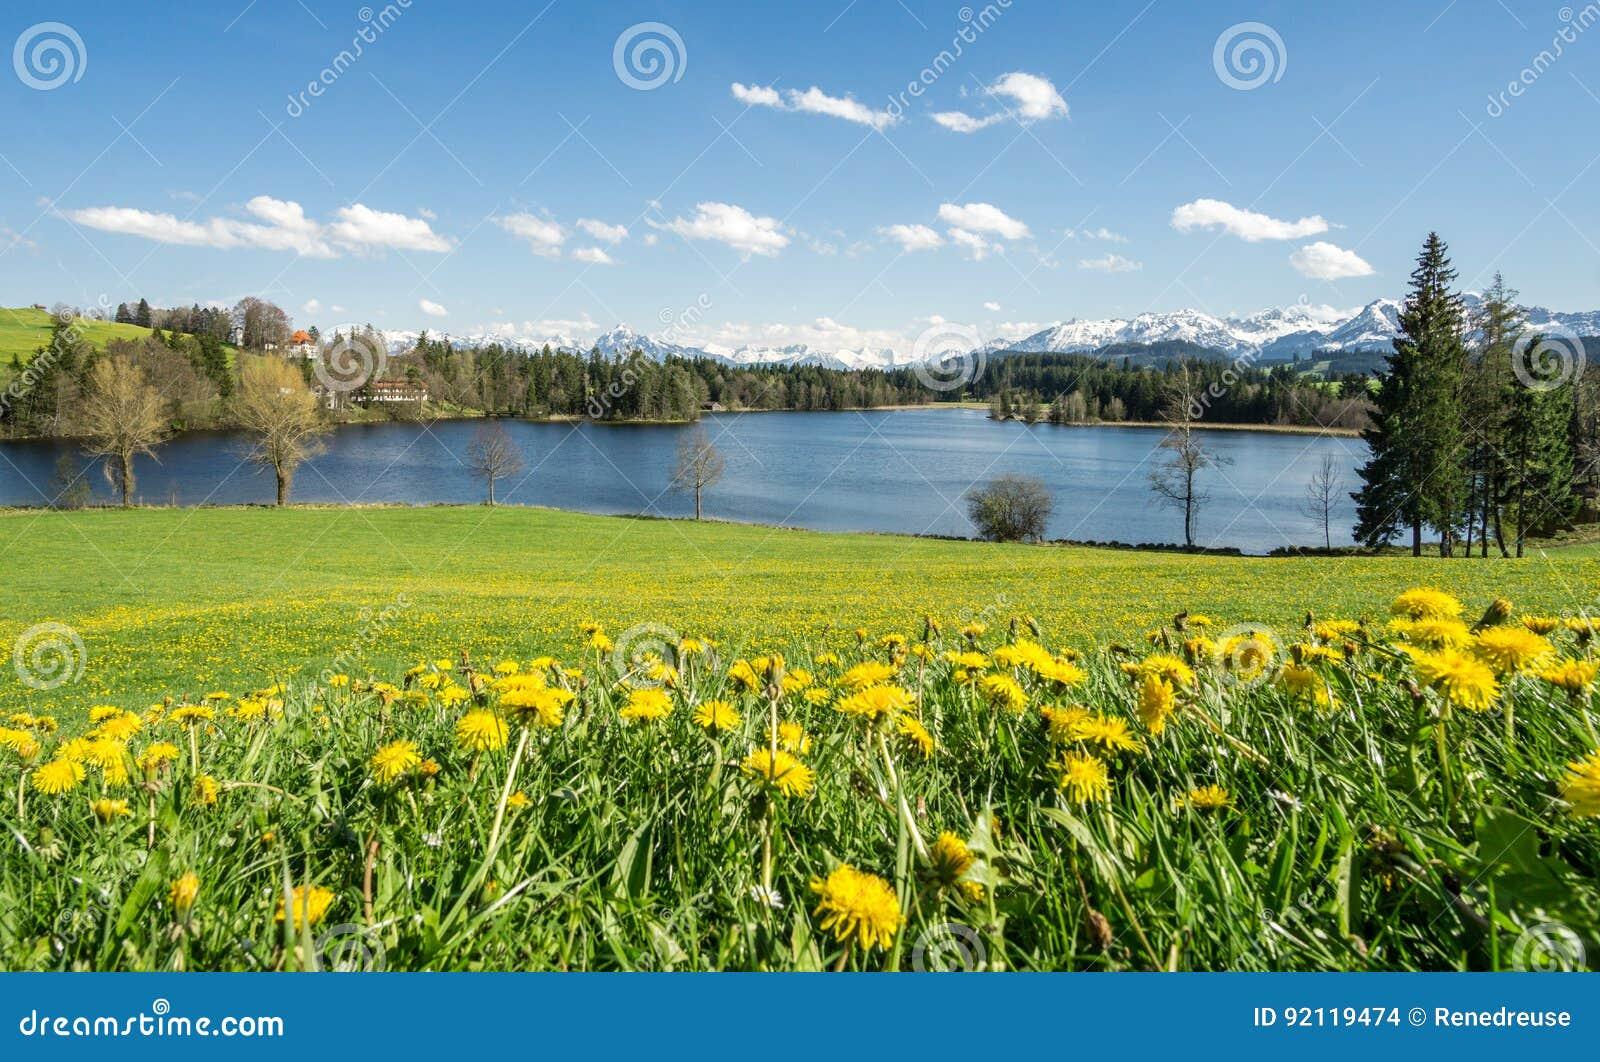 Schöne Blumenwiese Am Seeufer Und Schnee Bedeckte Berge Stockfoto